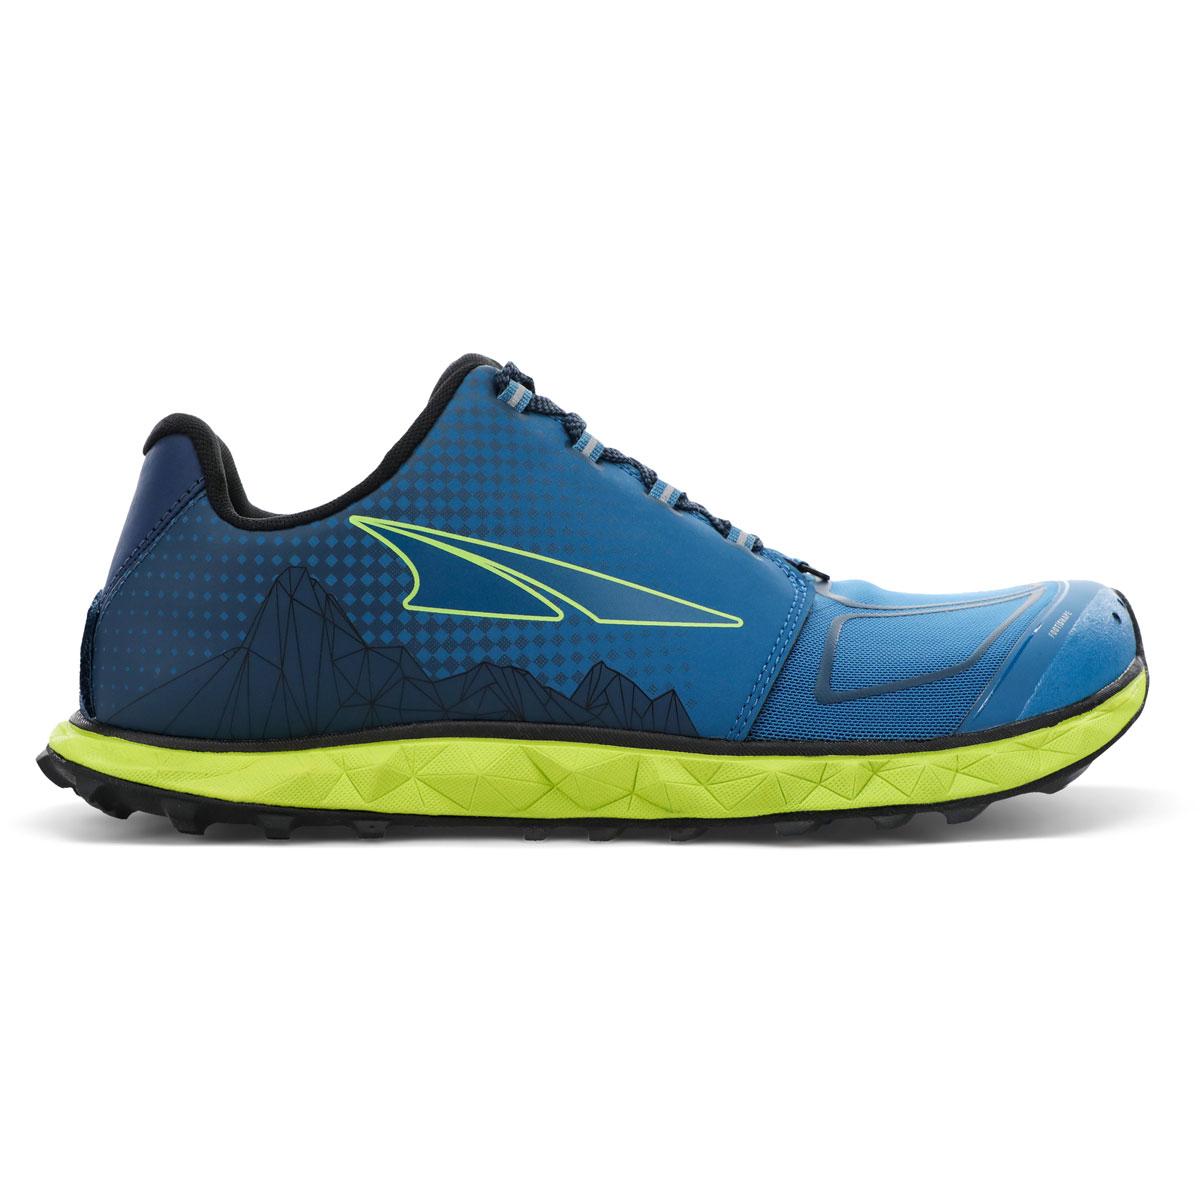 Men's Altra Superior 4.5 Trail Running Shoe - Color: Blue/Lime - Size: 7 - Width: Regular, Blue/Lime, large, image 1